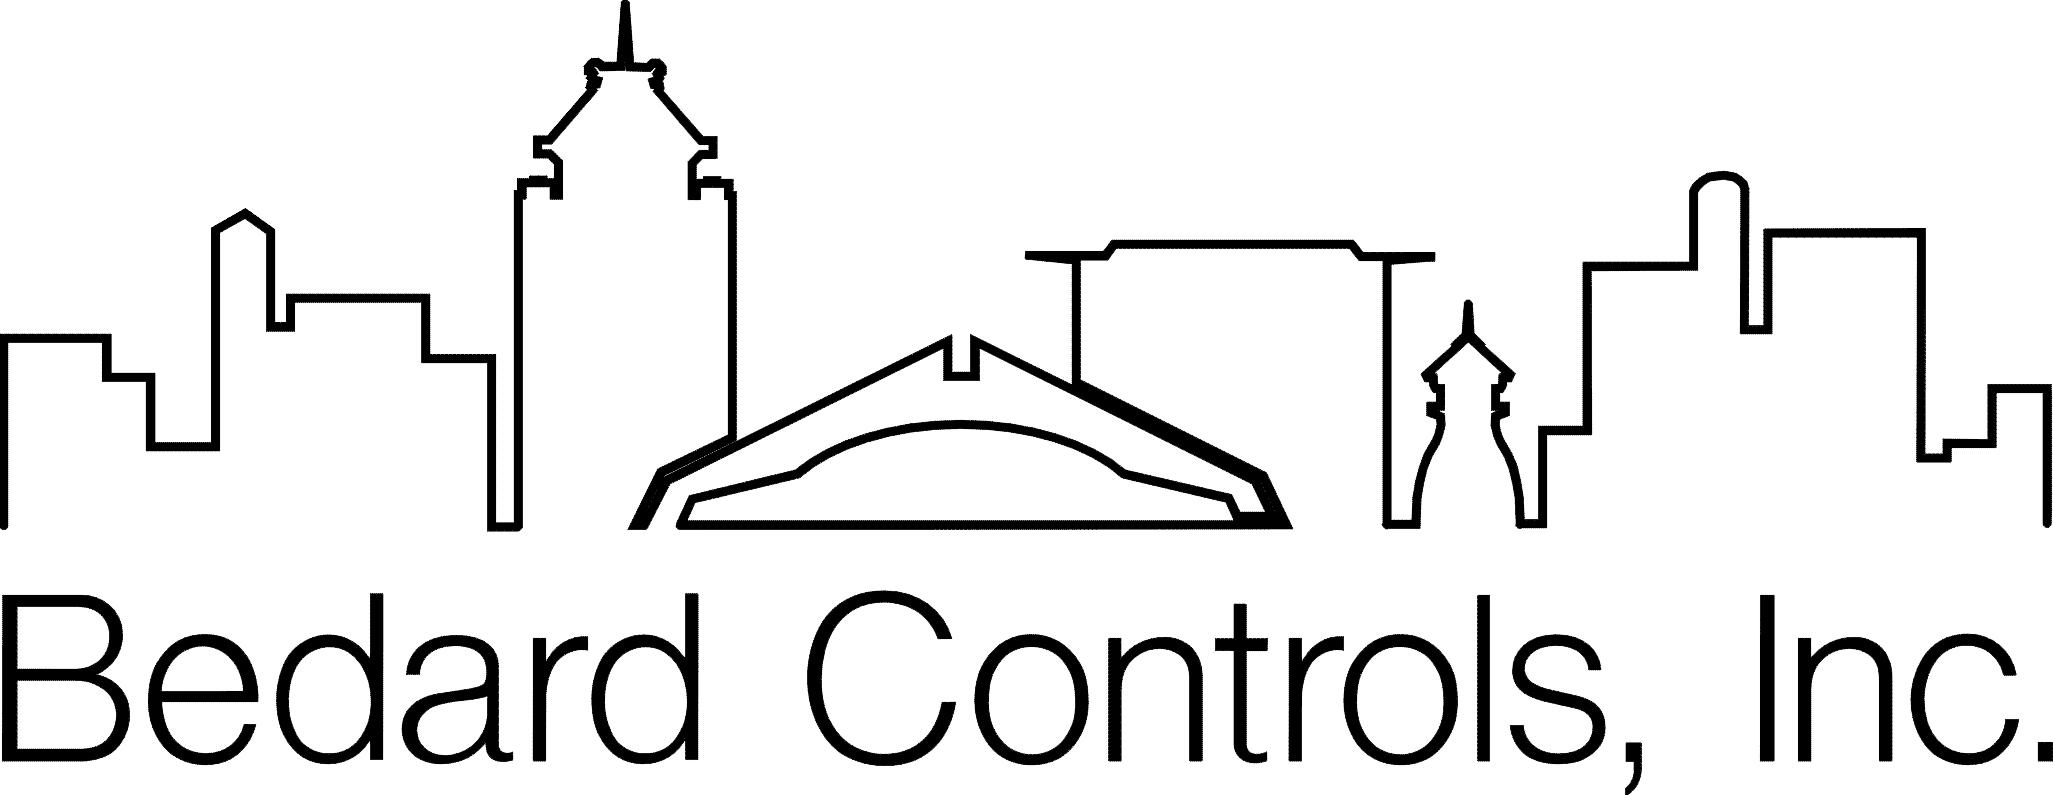 Bedard Controls Inc